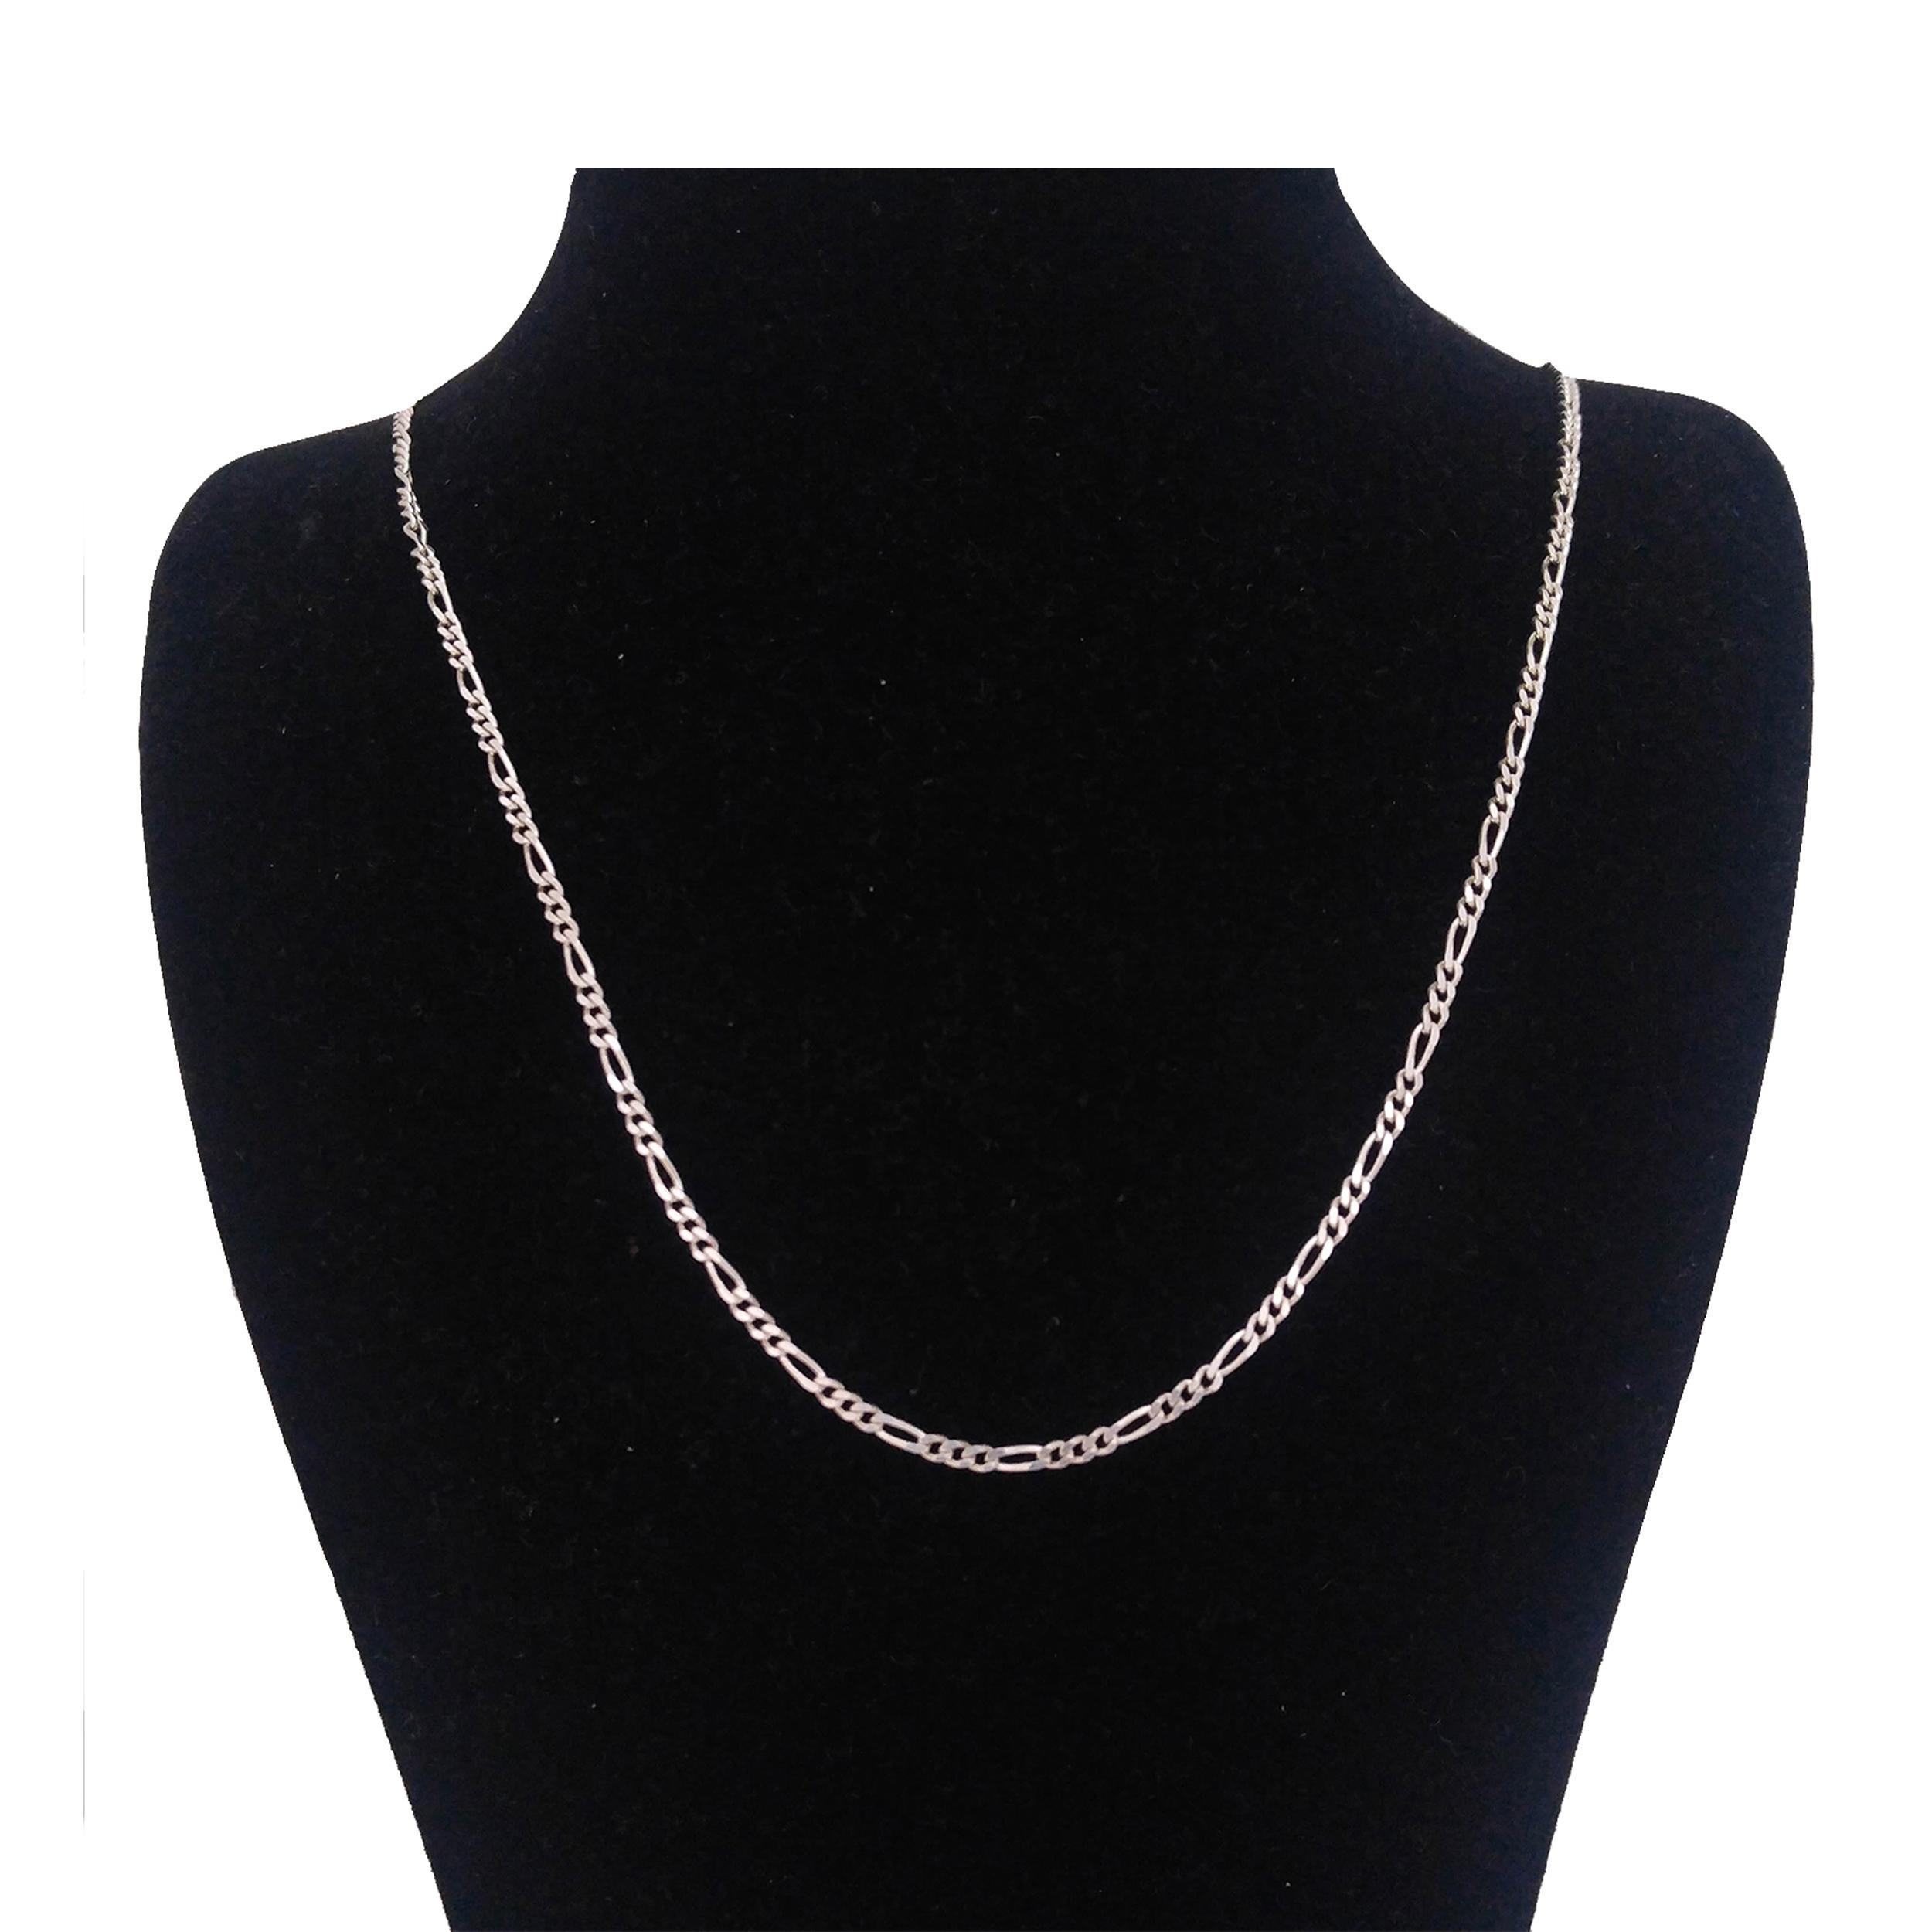 زنجیر نقره زنانه کد figaro5